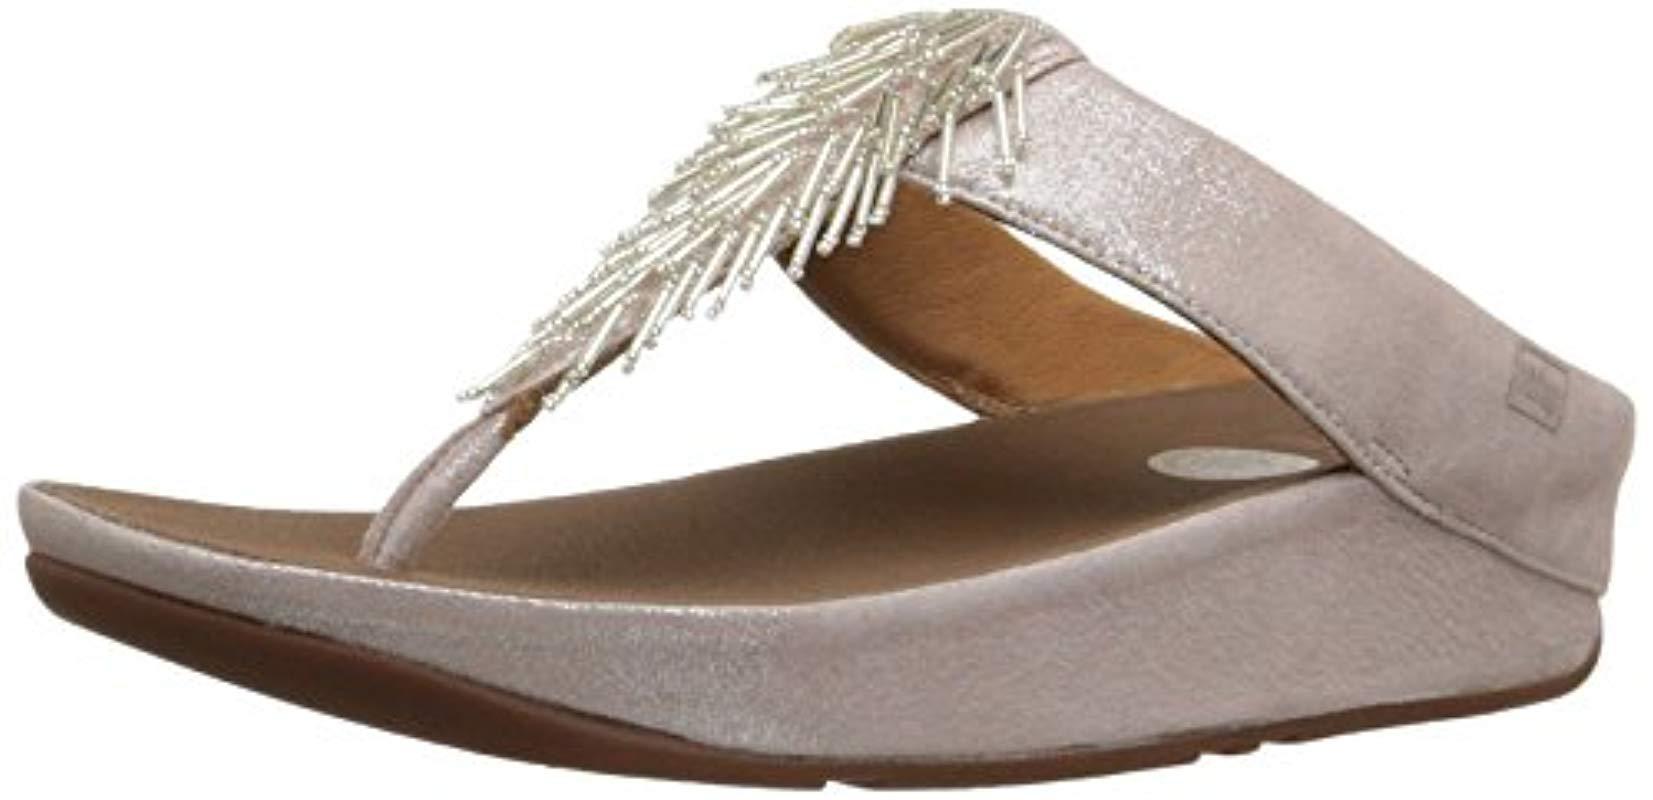 4ddbf5c8350b5 Fitflop. Women s Cha Cha T-bar Sandals